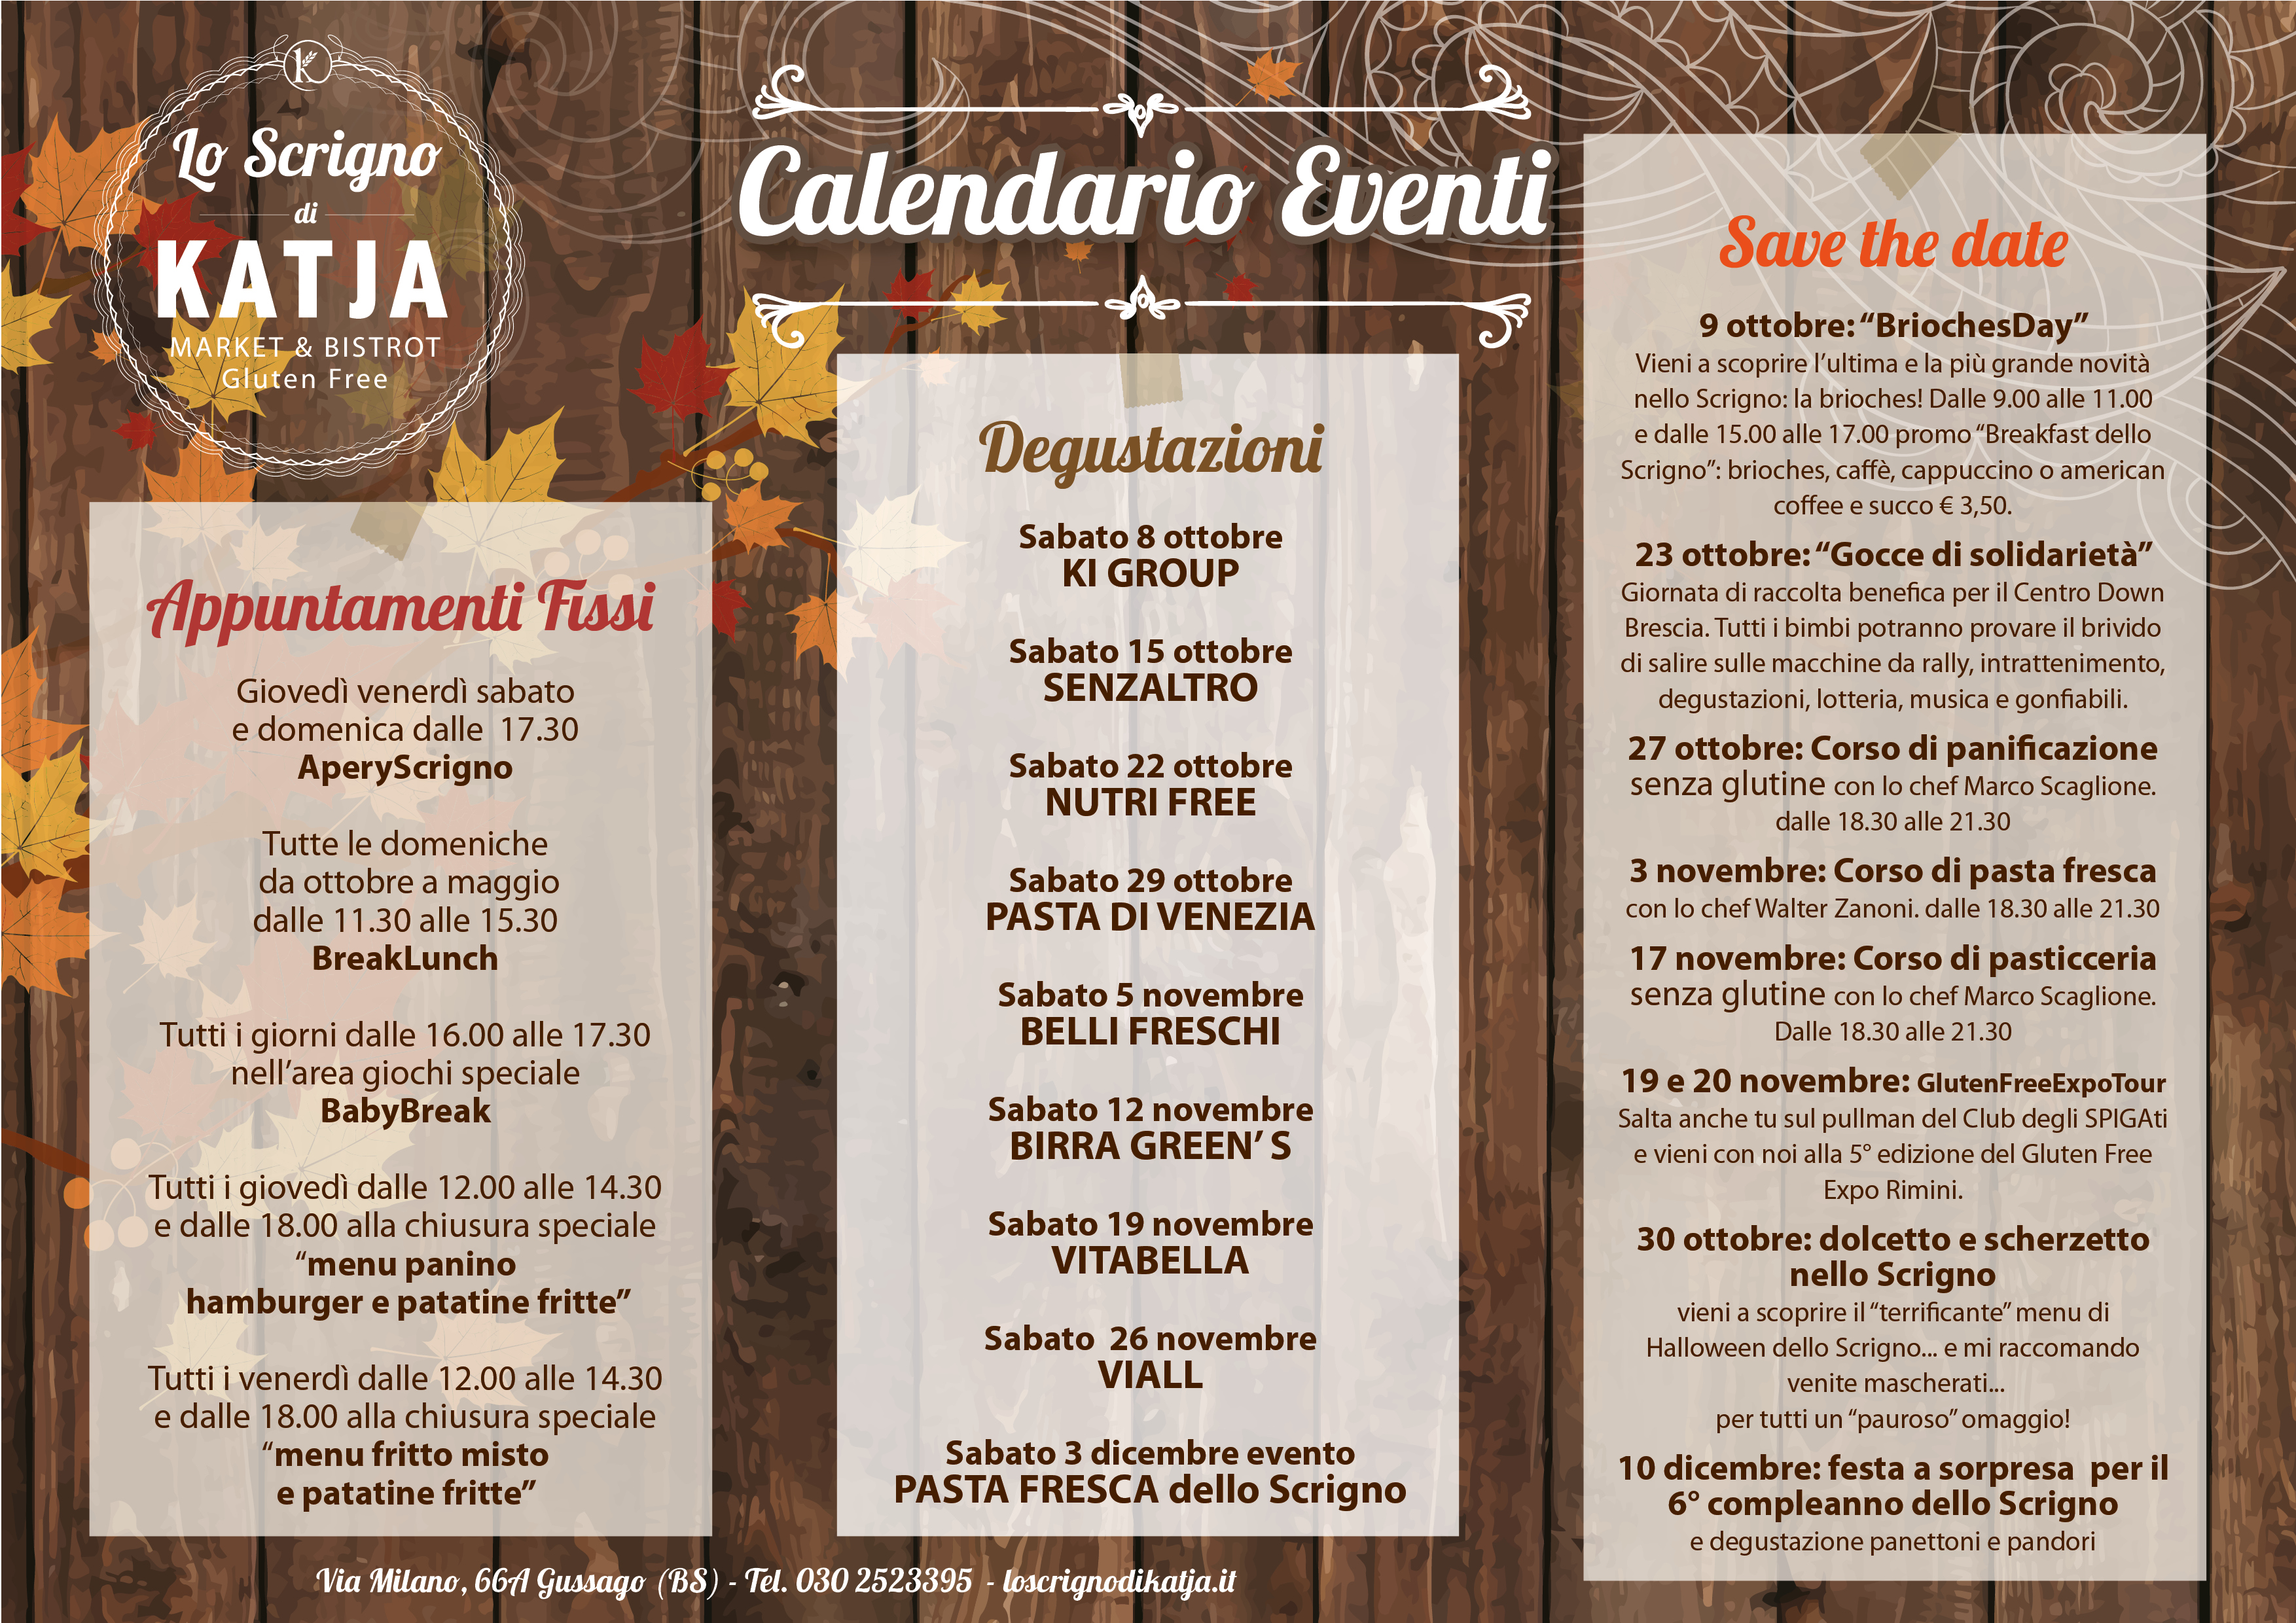 Calendario Eventi.Lo Scrigno Di Katja Calendario Eventi Lo Scrigno Di Katja